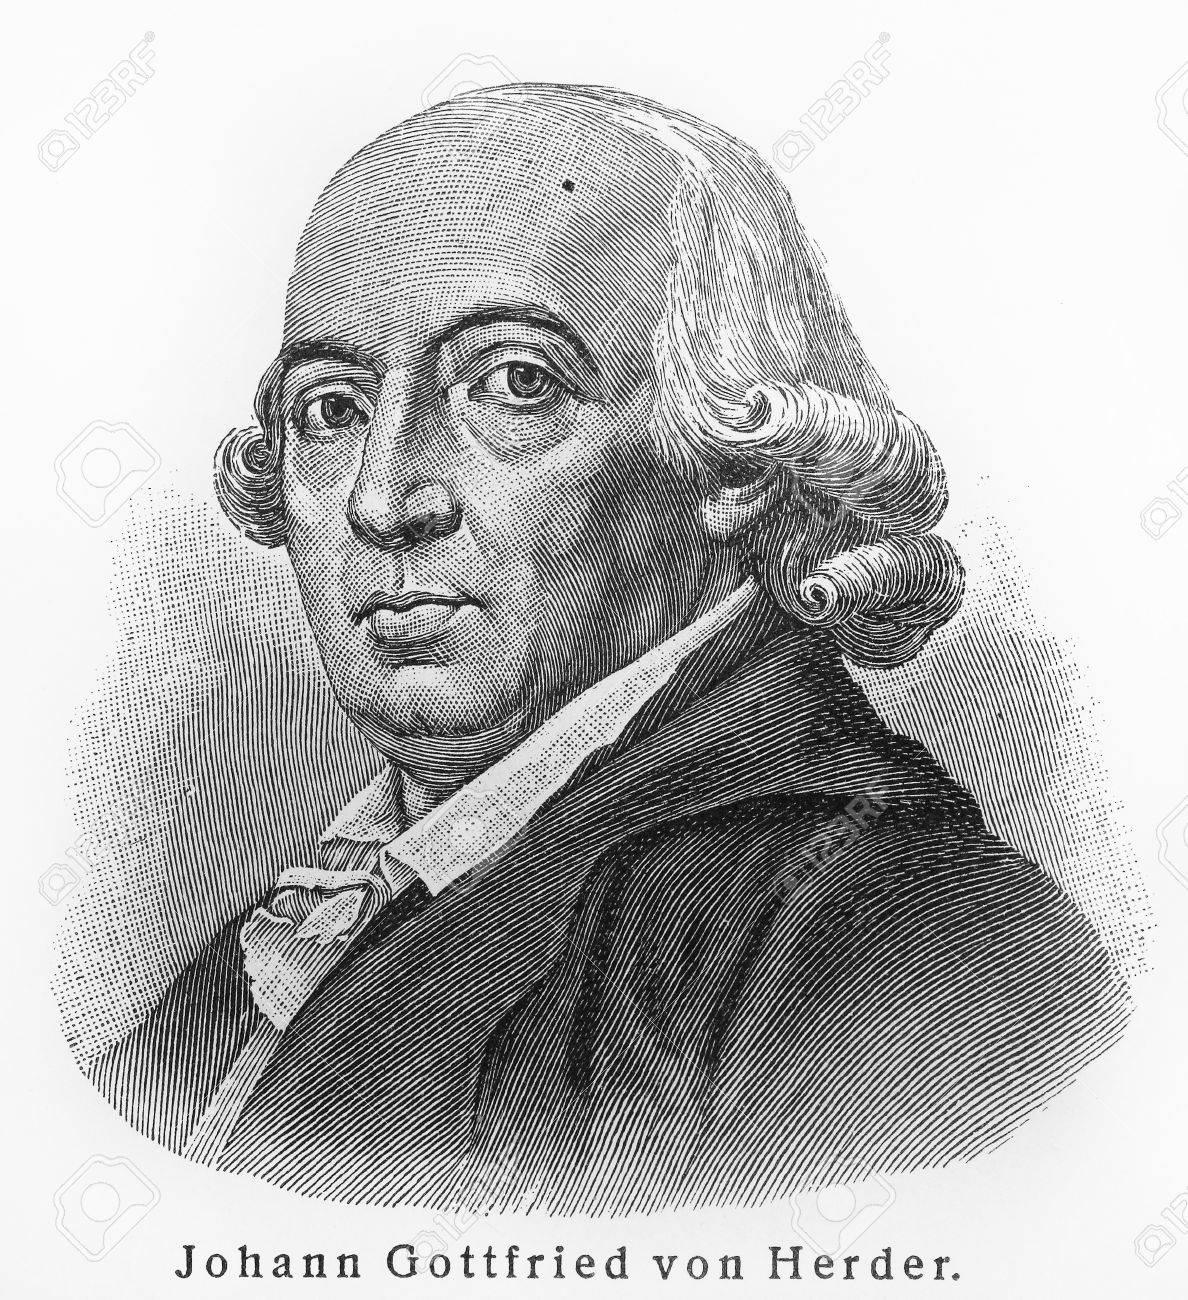 Johann Gottfried Herder language